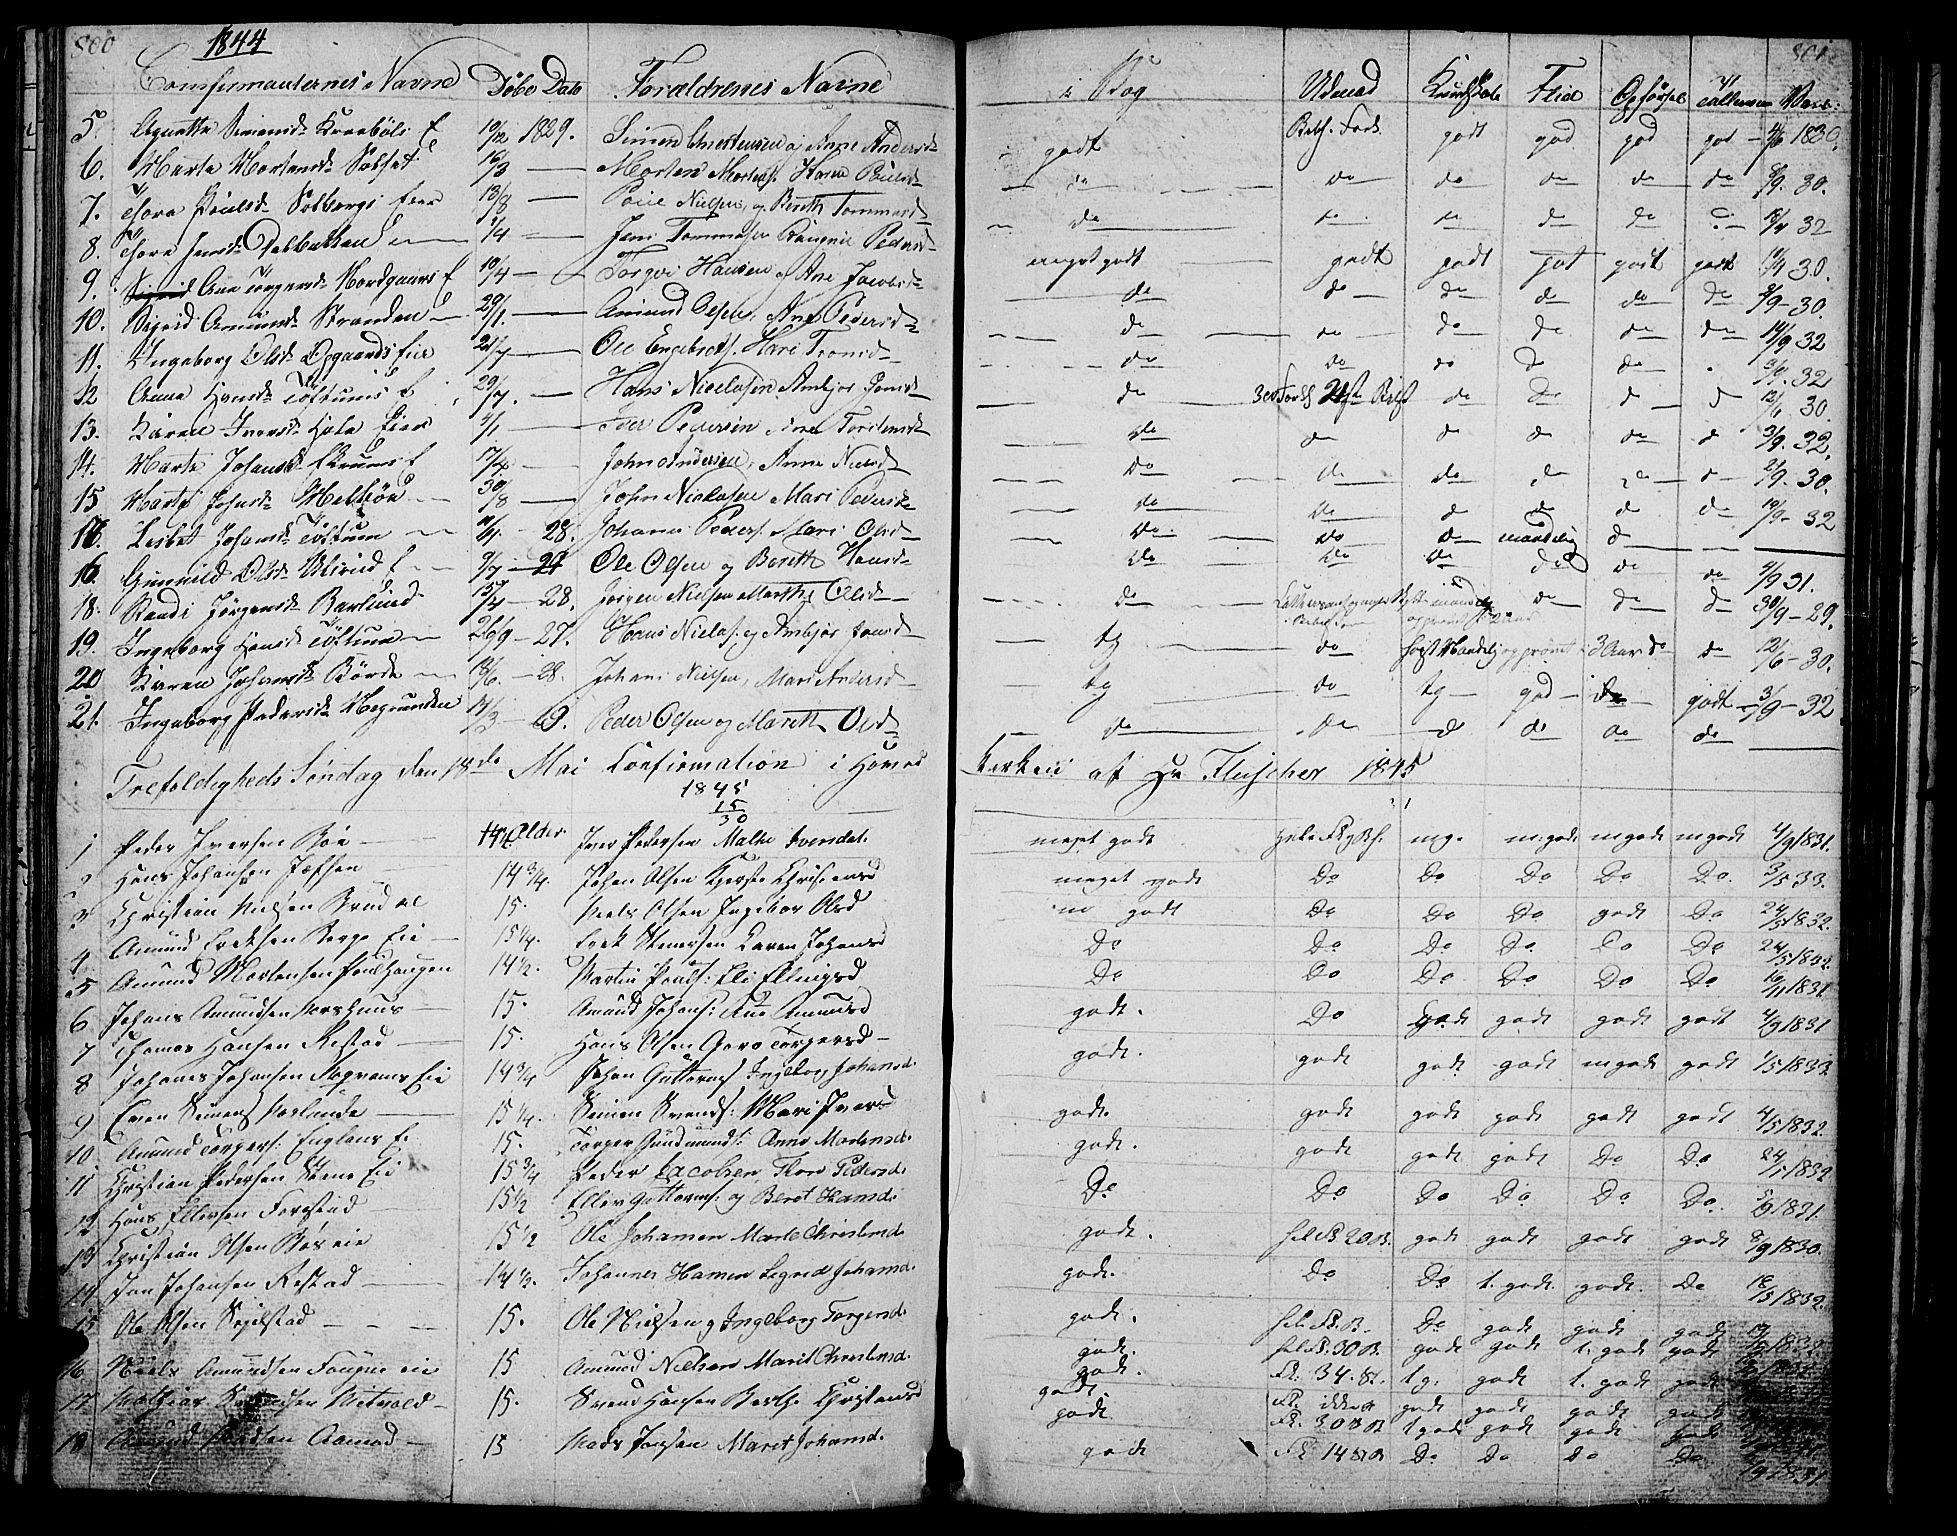 SAH, Gausdal prestekontor, Klokkerbok nr. 4, 1835-1870, s. 800-801